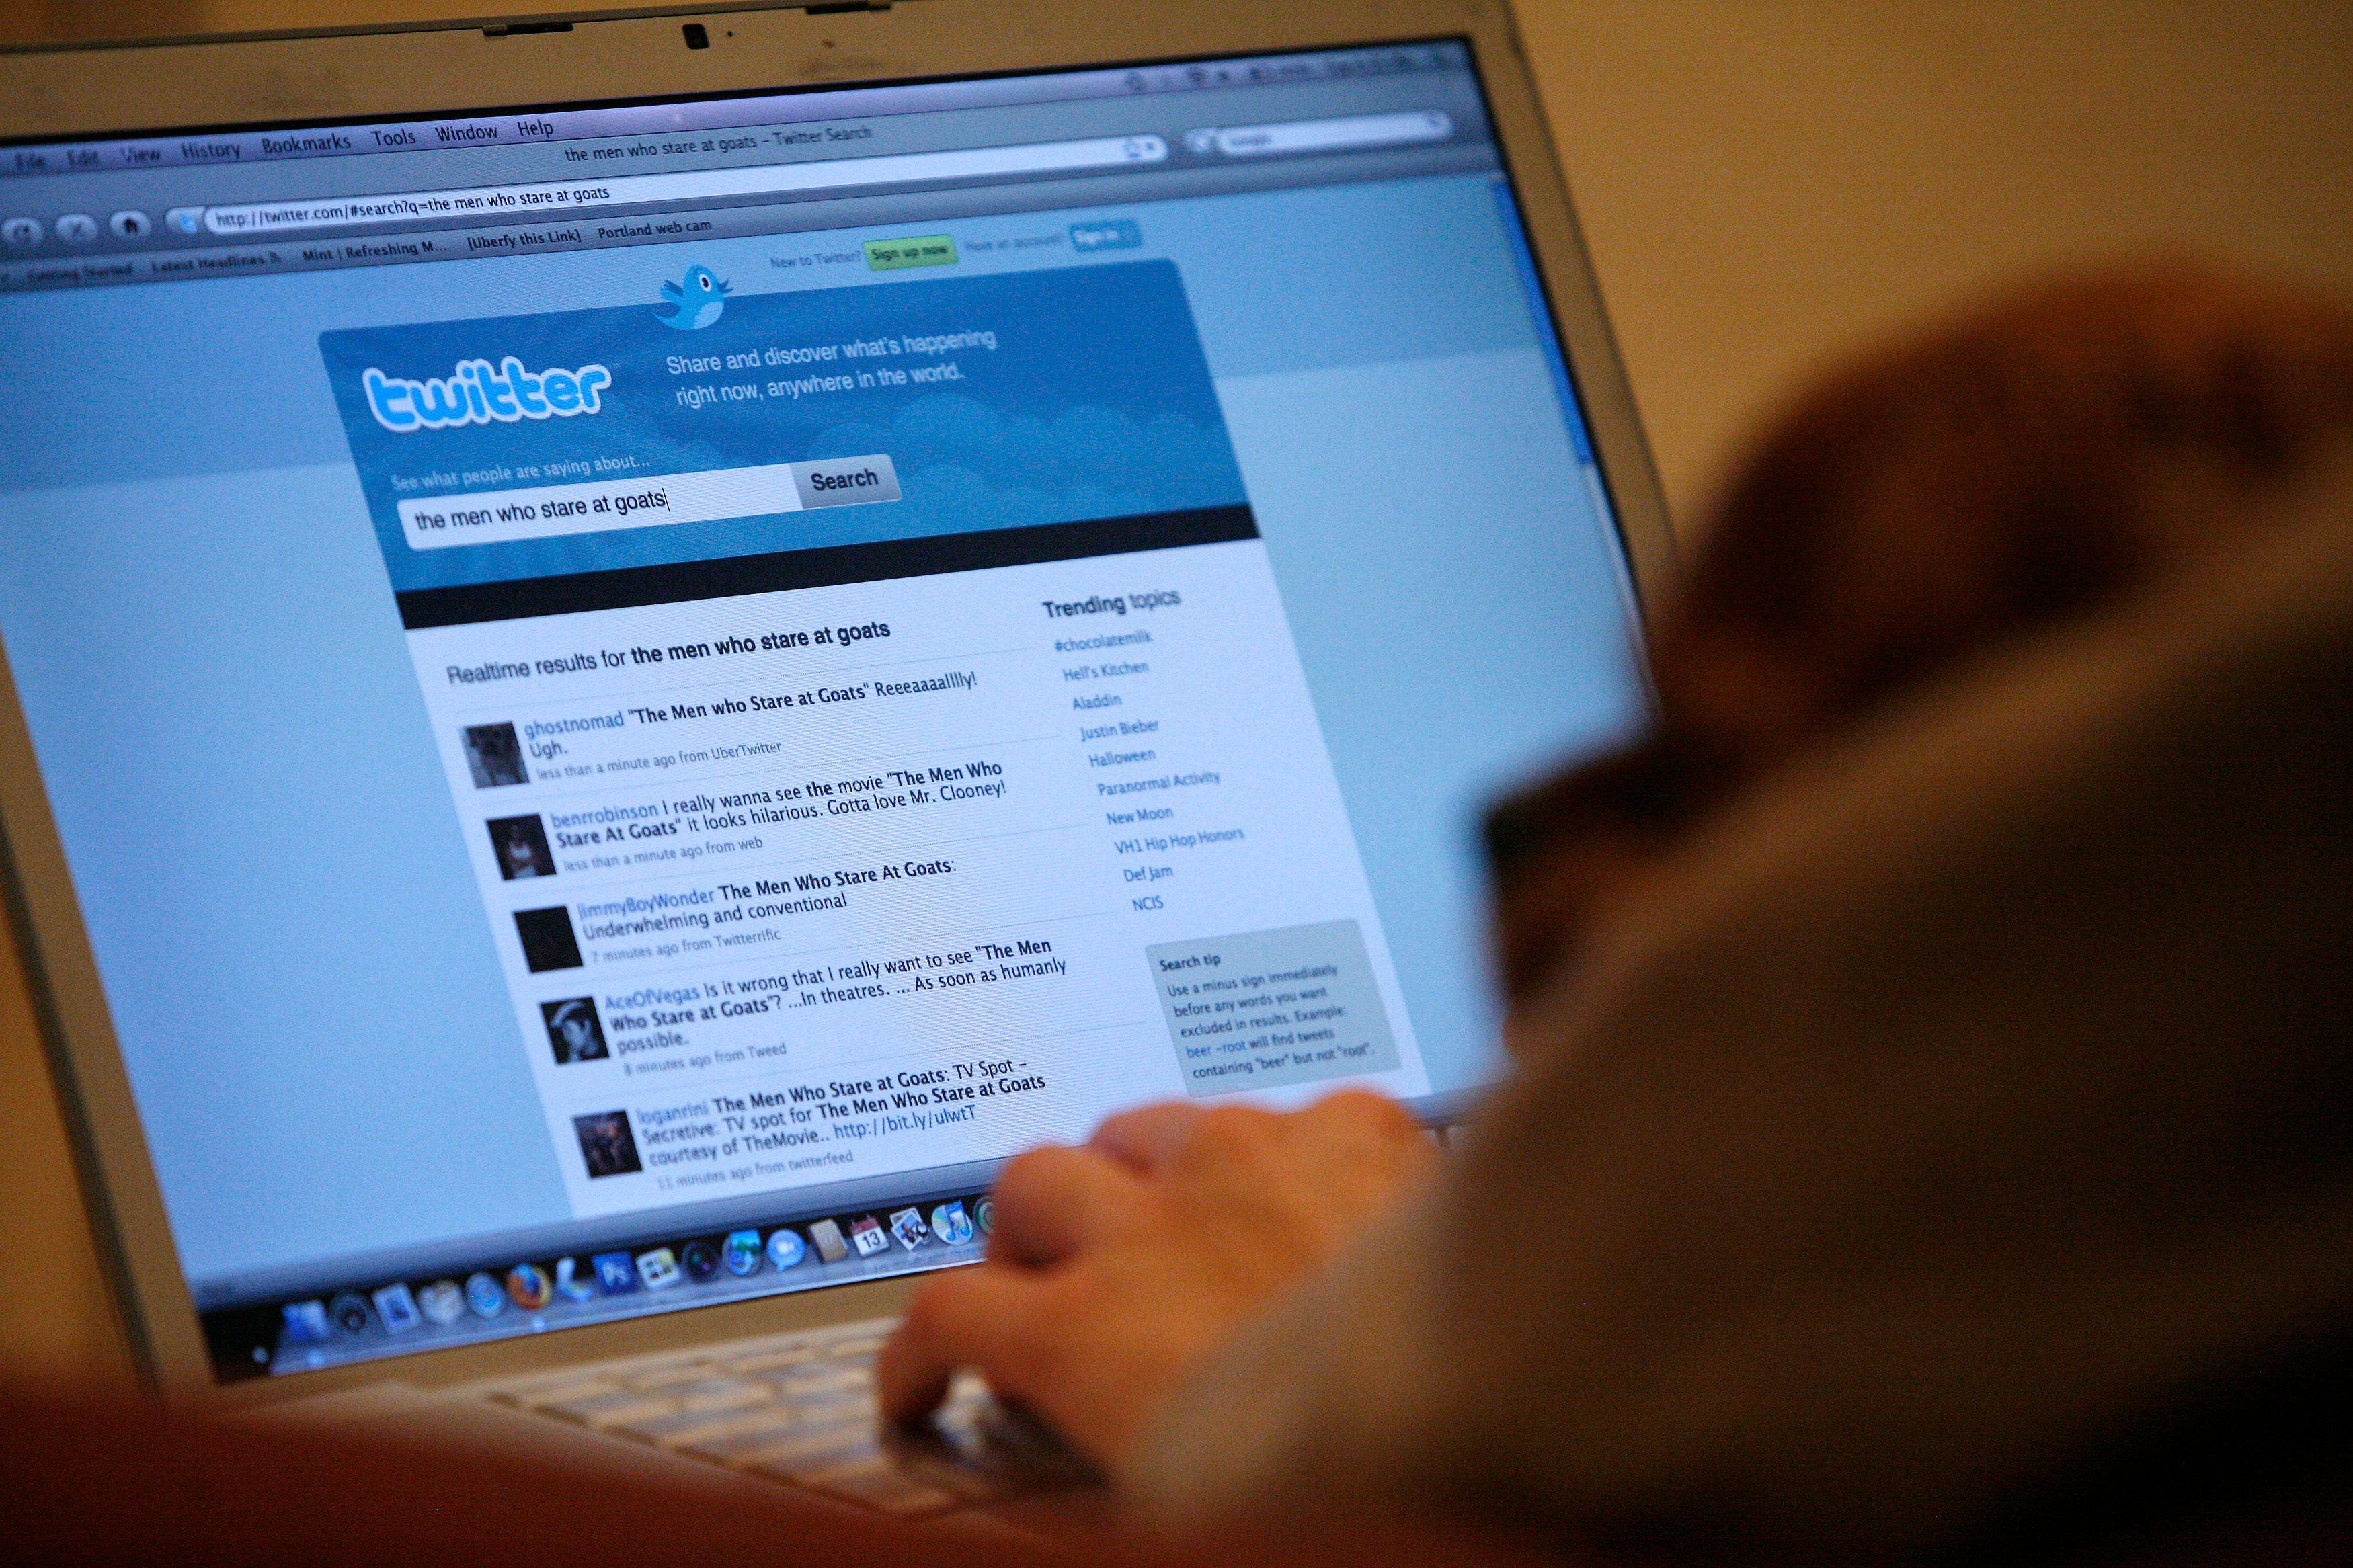 En France, on dénombre 7,3 millions de comptes Twitter.